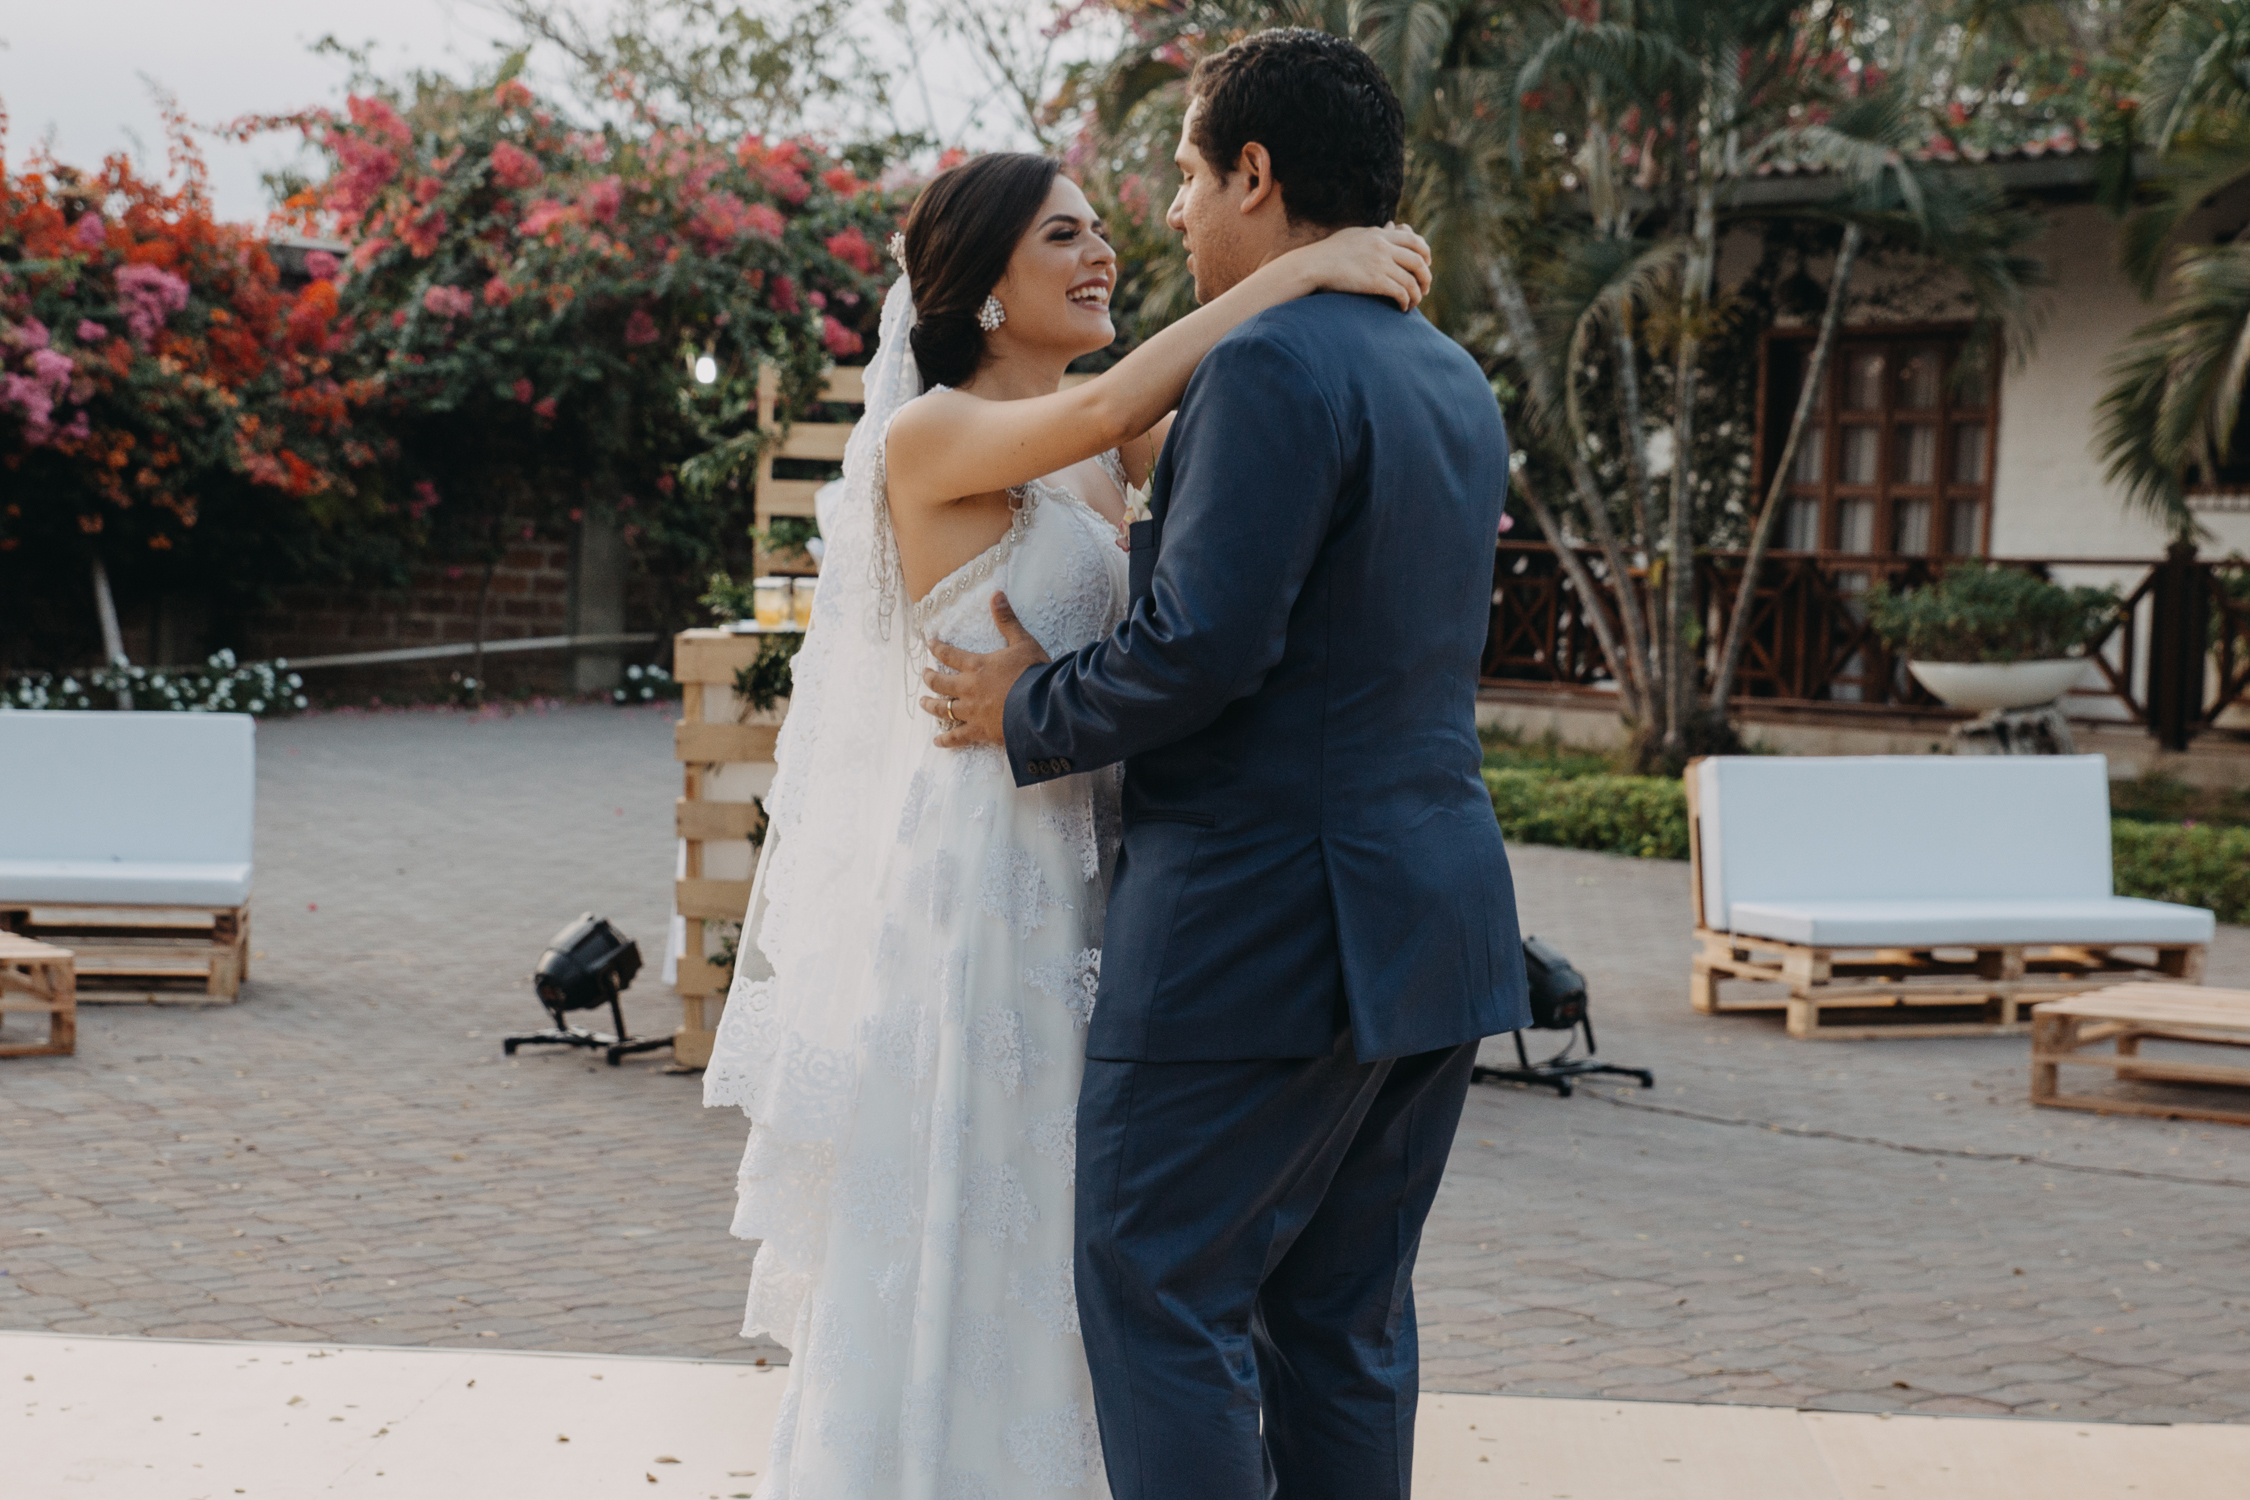 Michelle-Agurto-Fotografia-Bodas-Ecuador-Destination-Wedding-Photographer-Cristi-Luis-123.JPG